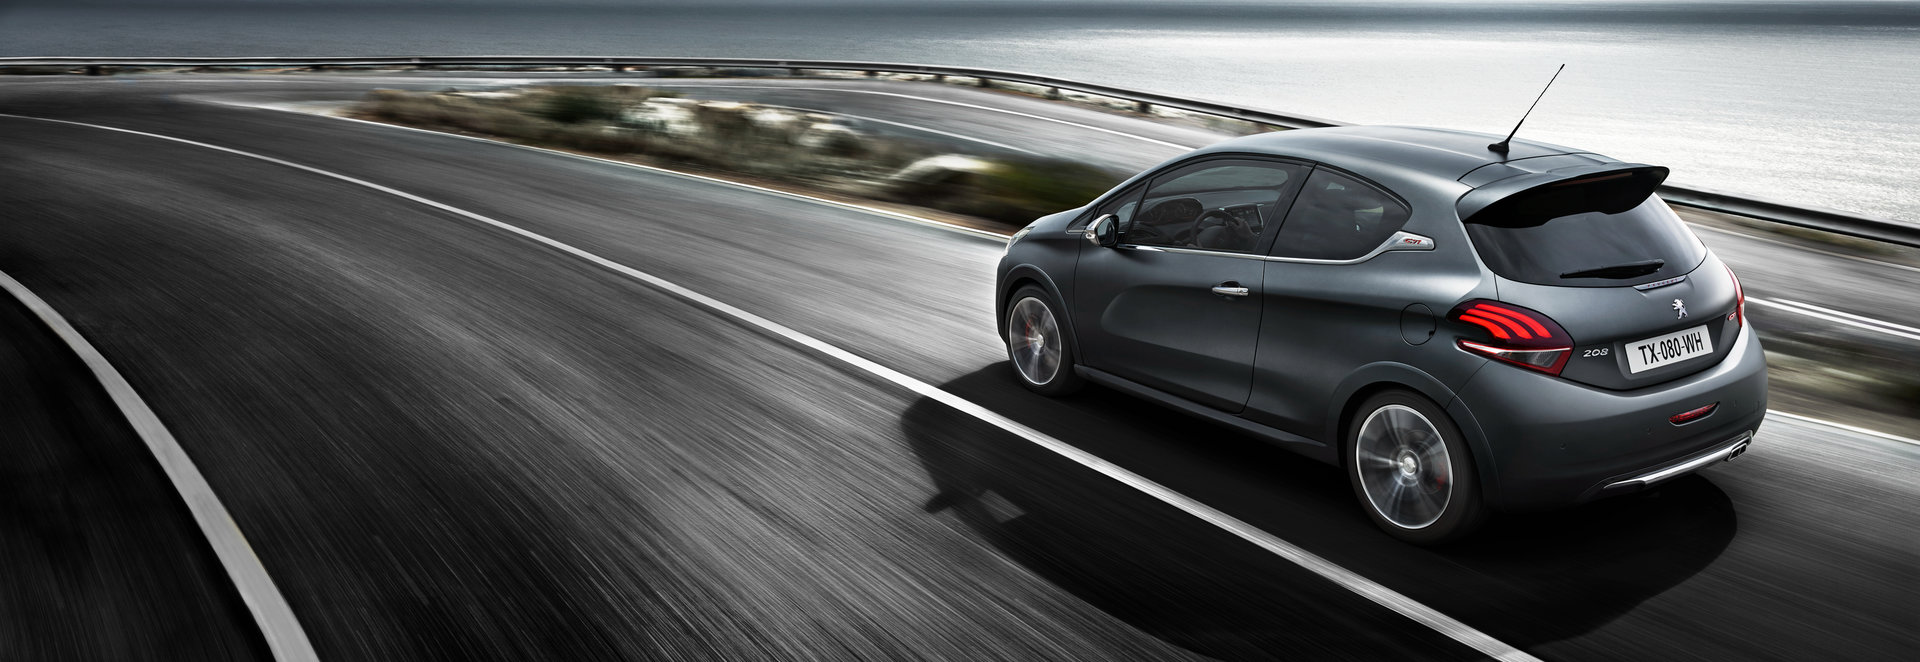 El futuro Peugeot 208 GTi se podrá elegir como eléctrico o híbrido